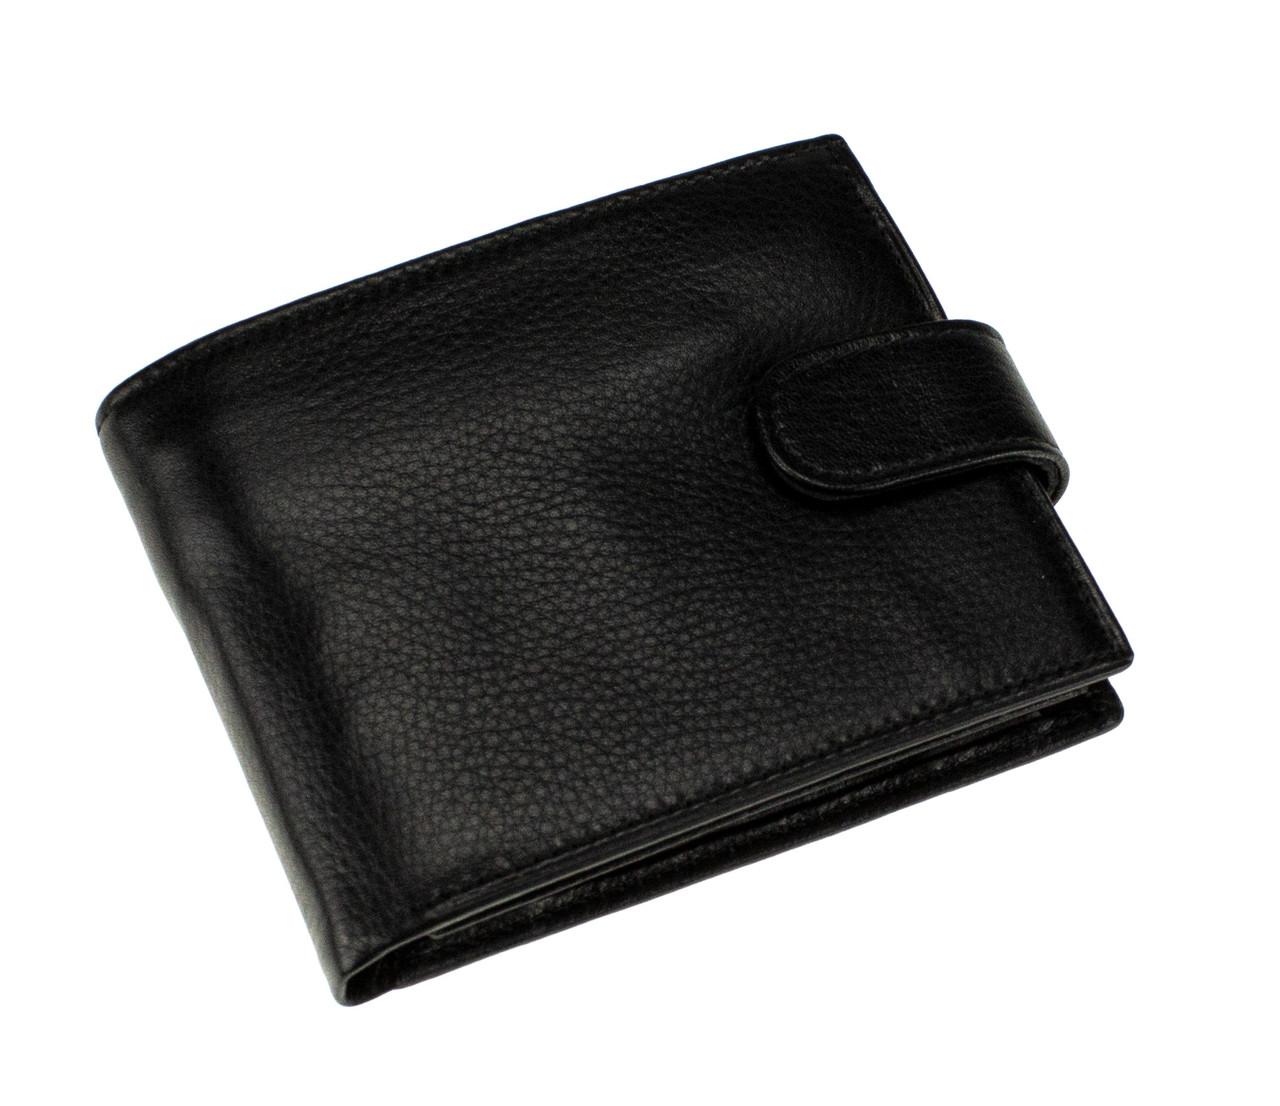 Мужское портмоне Eminsa 1016-12-1 кожаное черное